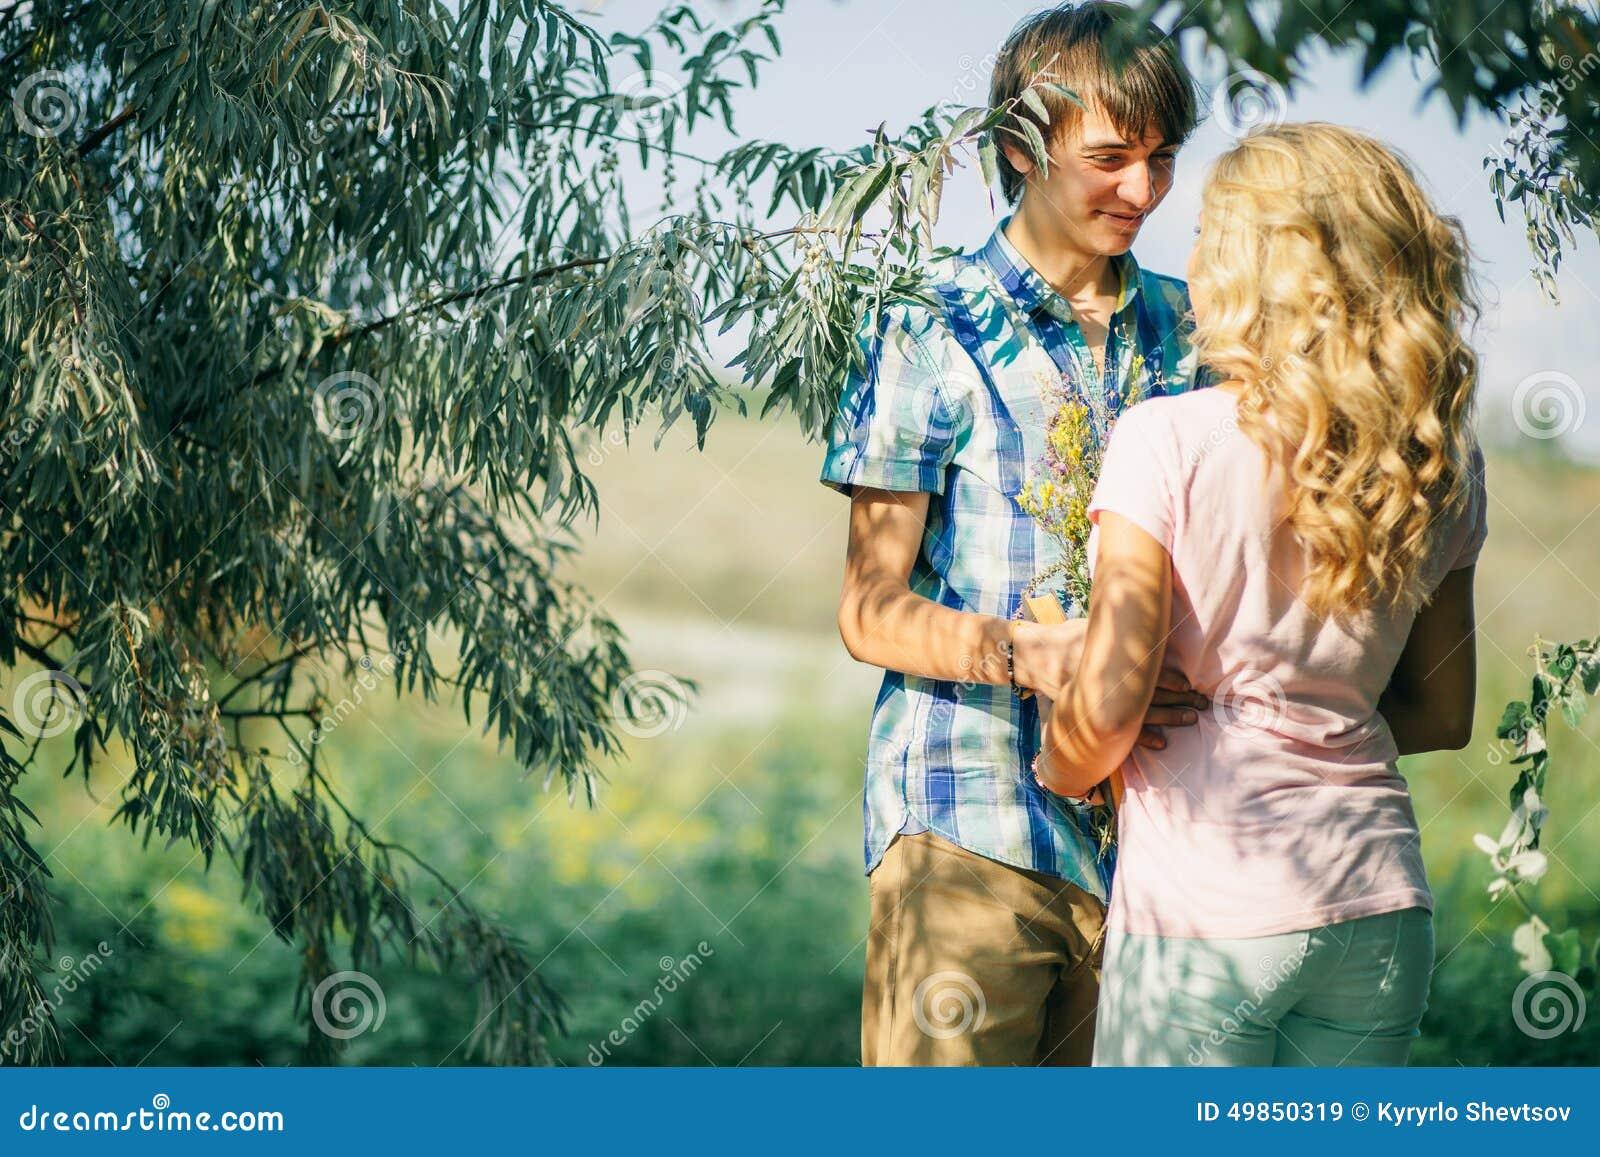 Jag är gift men jag träffar någon